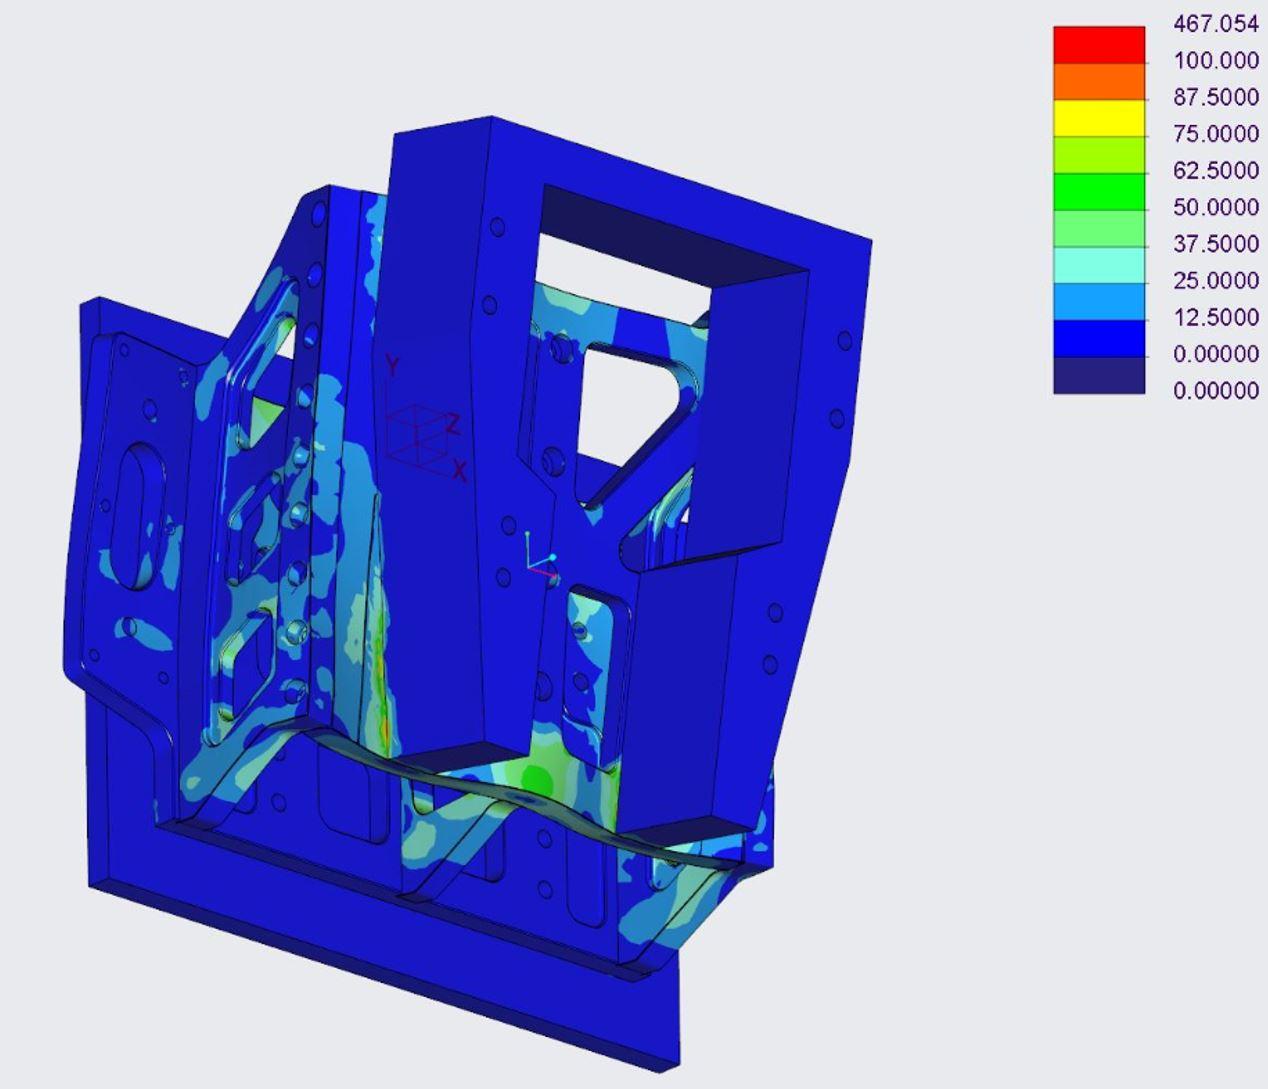 Ob ein Design funktioniert, prüfen die Konstrukteure zunächst mit den CAD-Integrierten Simulations-Werkzeugen. Für genauere Ergebnisse greifen die Spezialisten auf Ansys-Software zurück. (Bild: OP-Shipp Module GmbH)